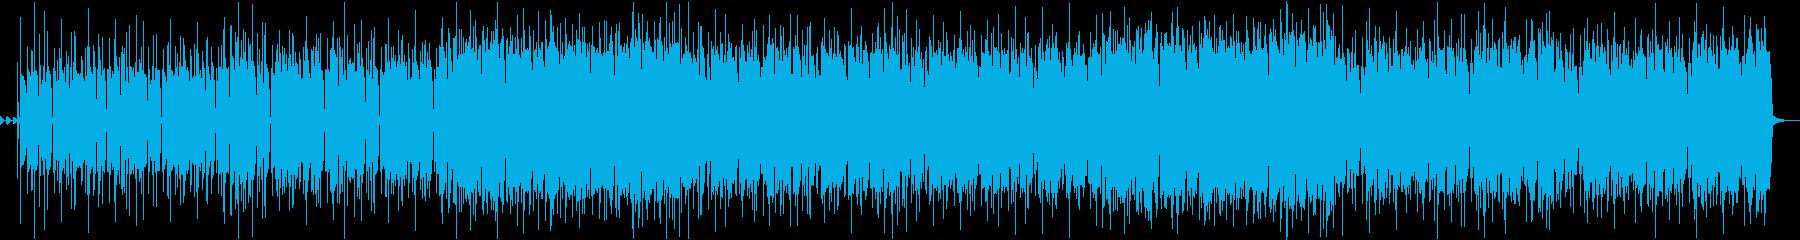 カッティングがクールなファンクロックの再生済みの波形